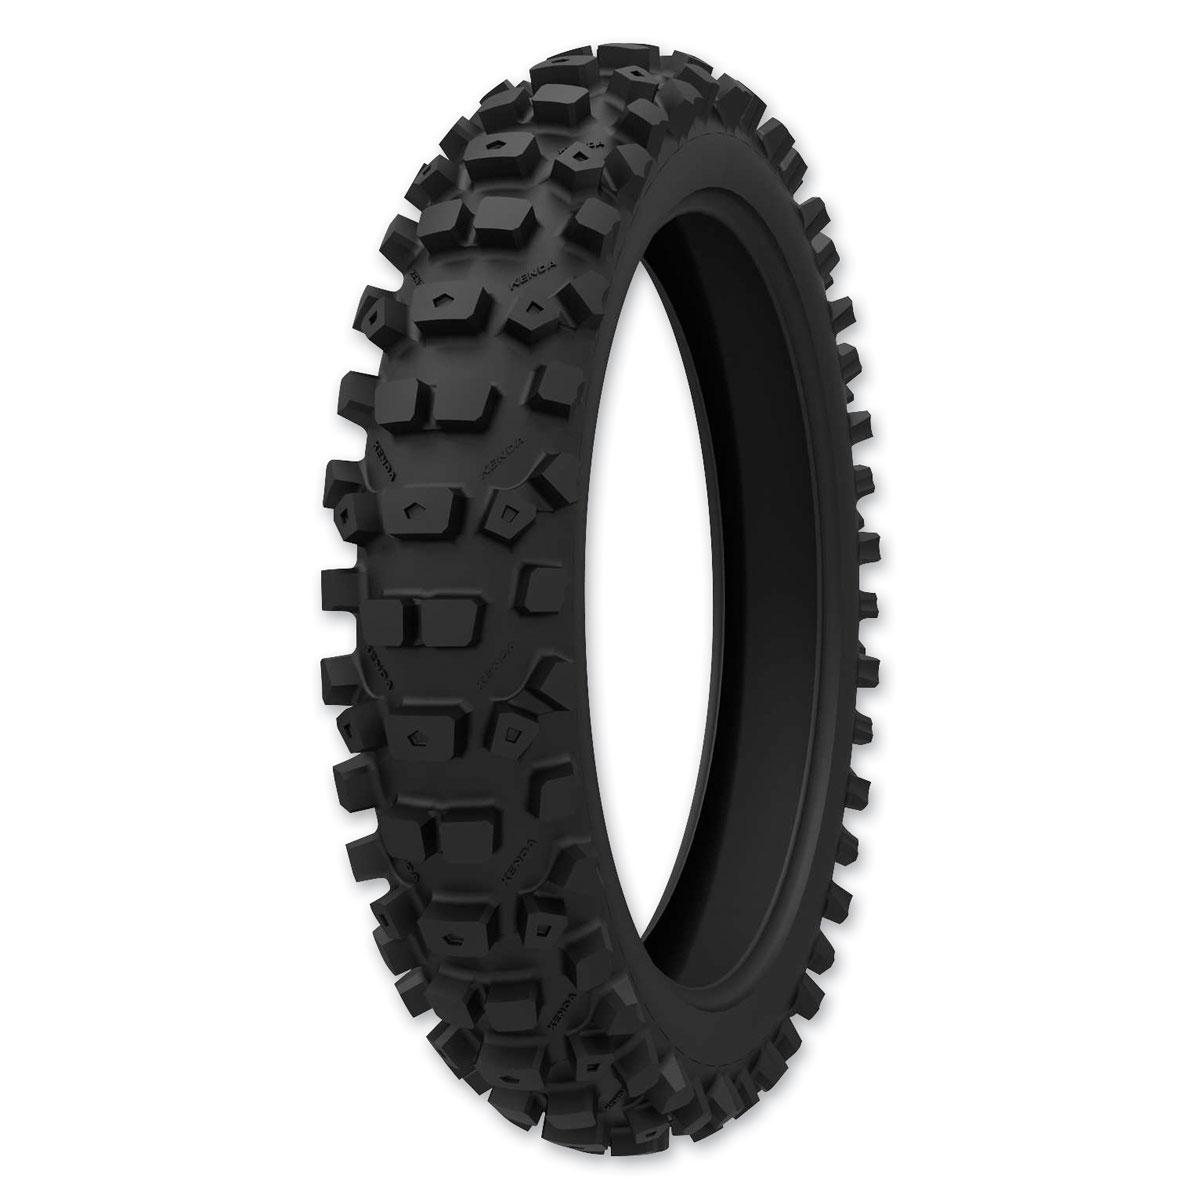 Kenda Tires K772 Parker 110/90-19 Rear Tire